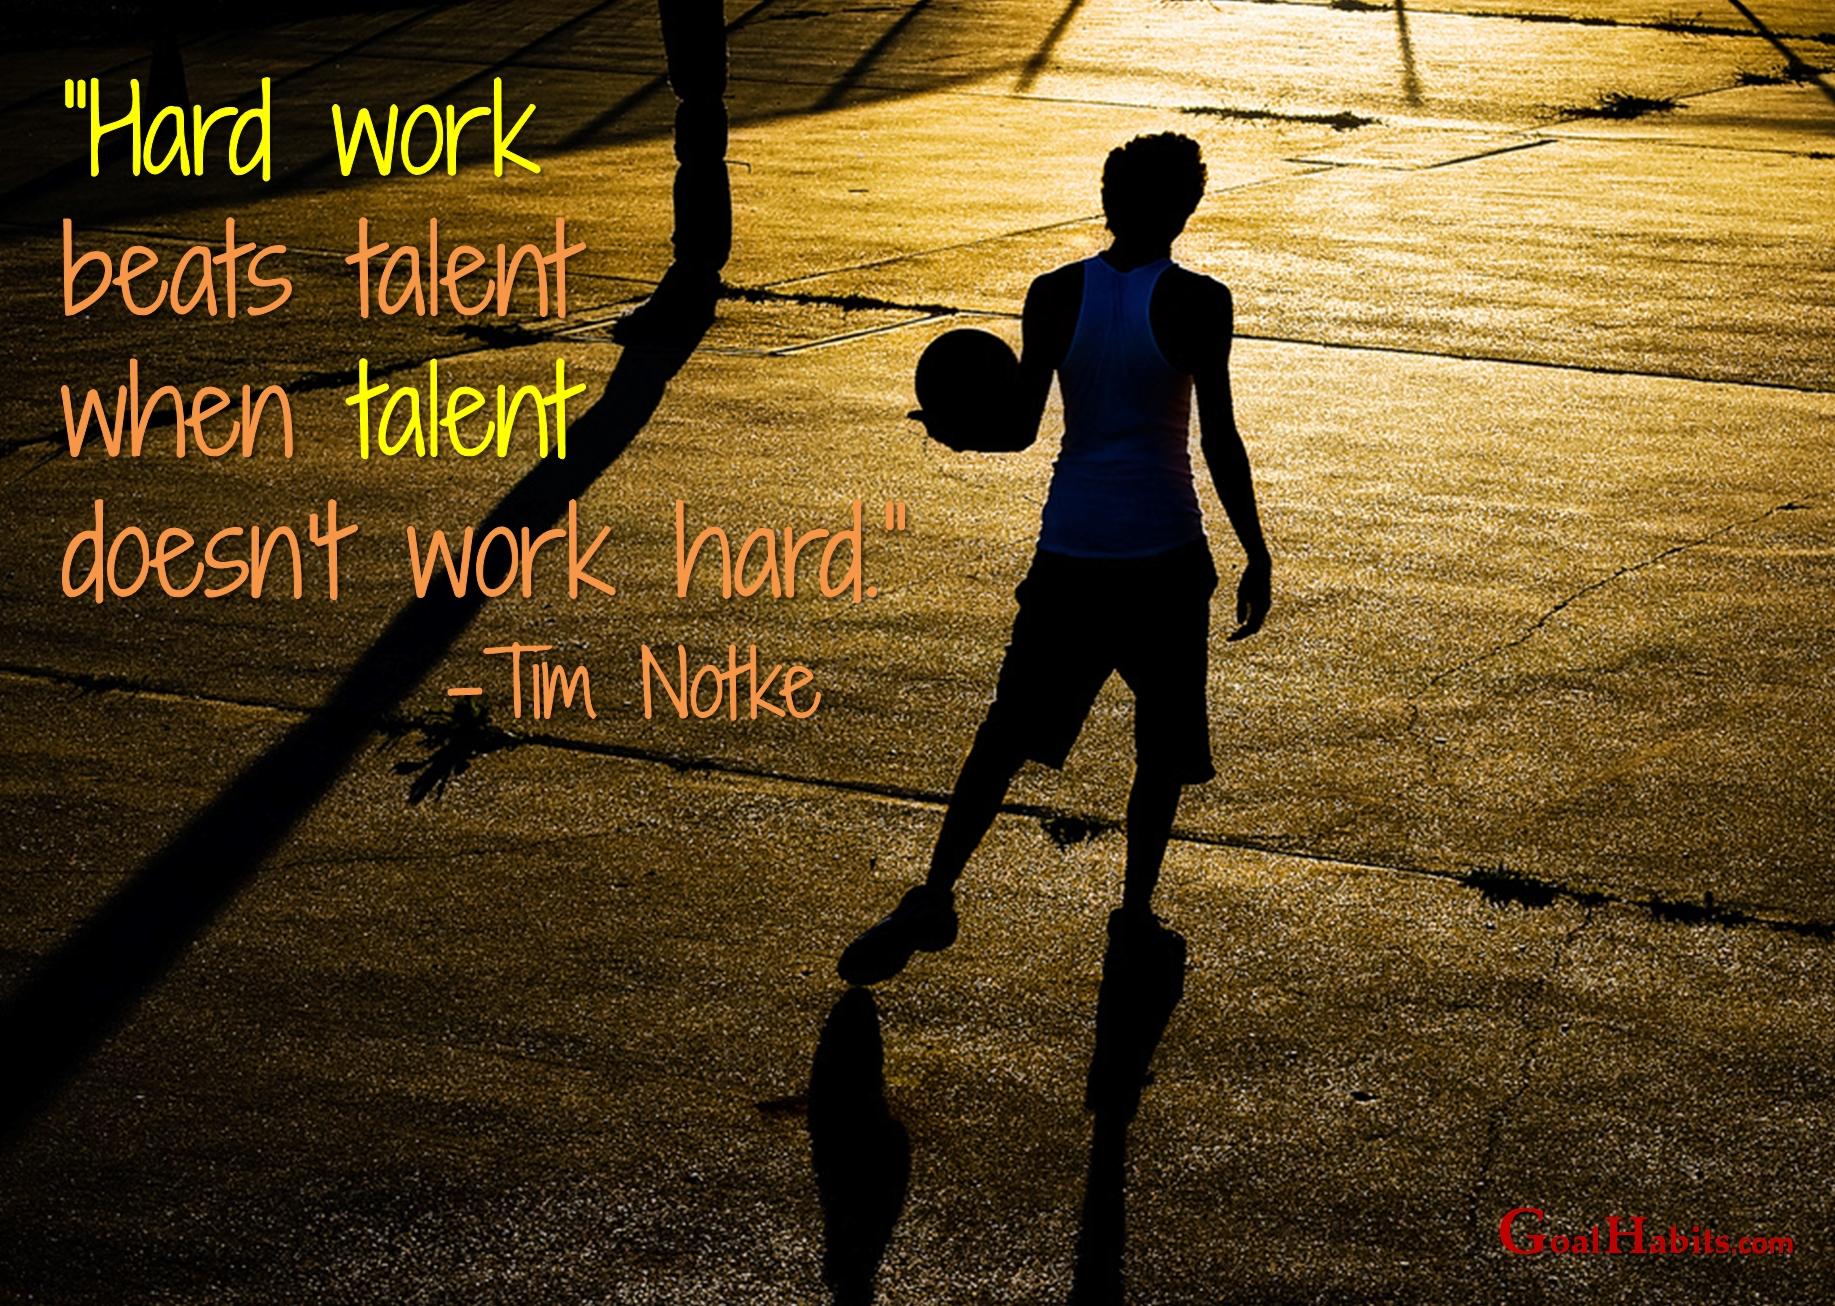 Tim Notke